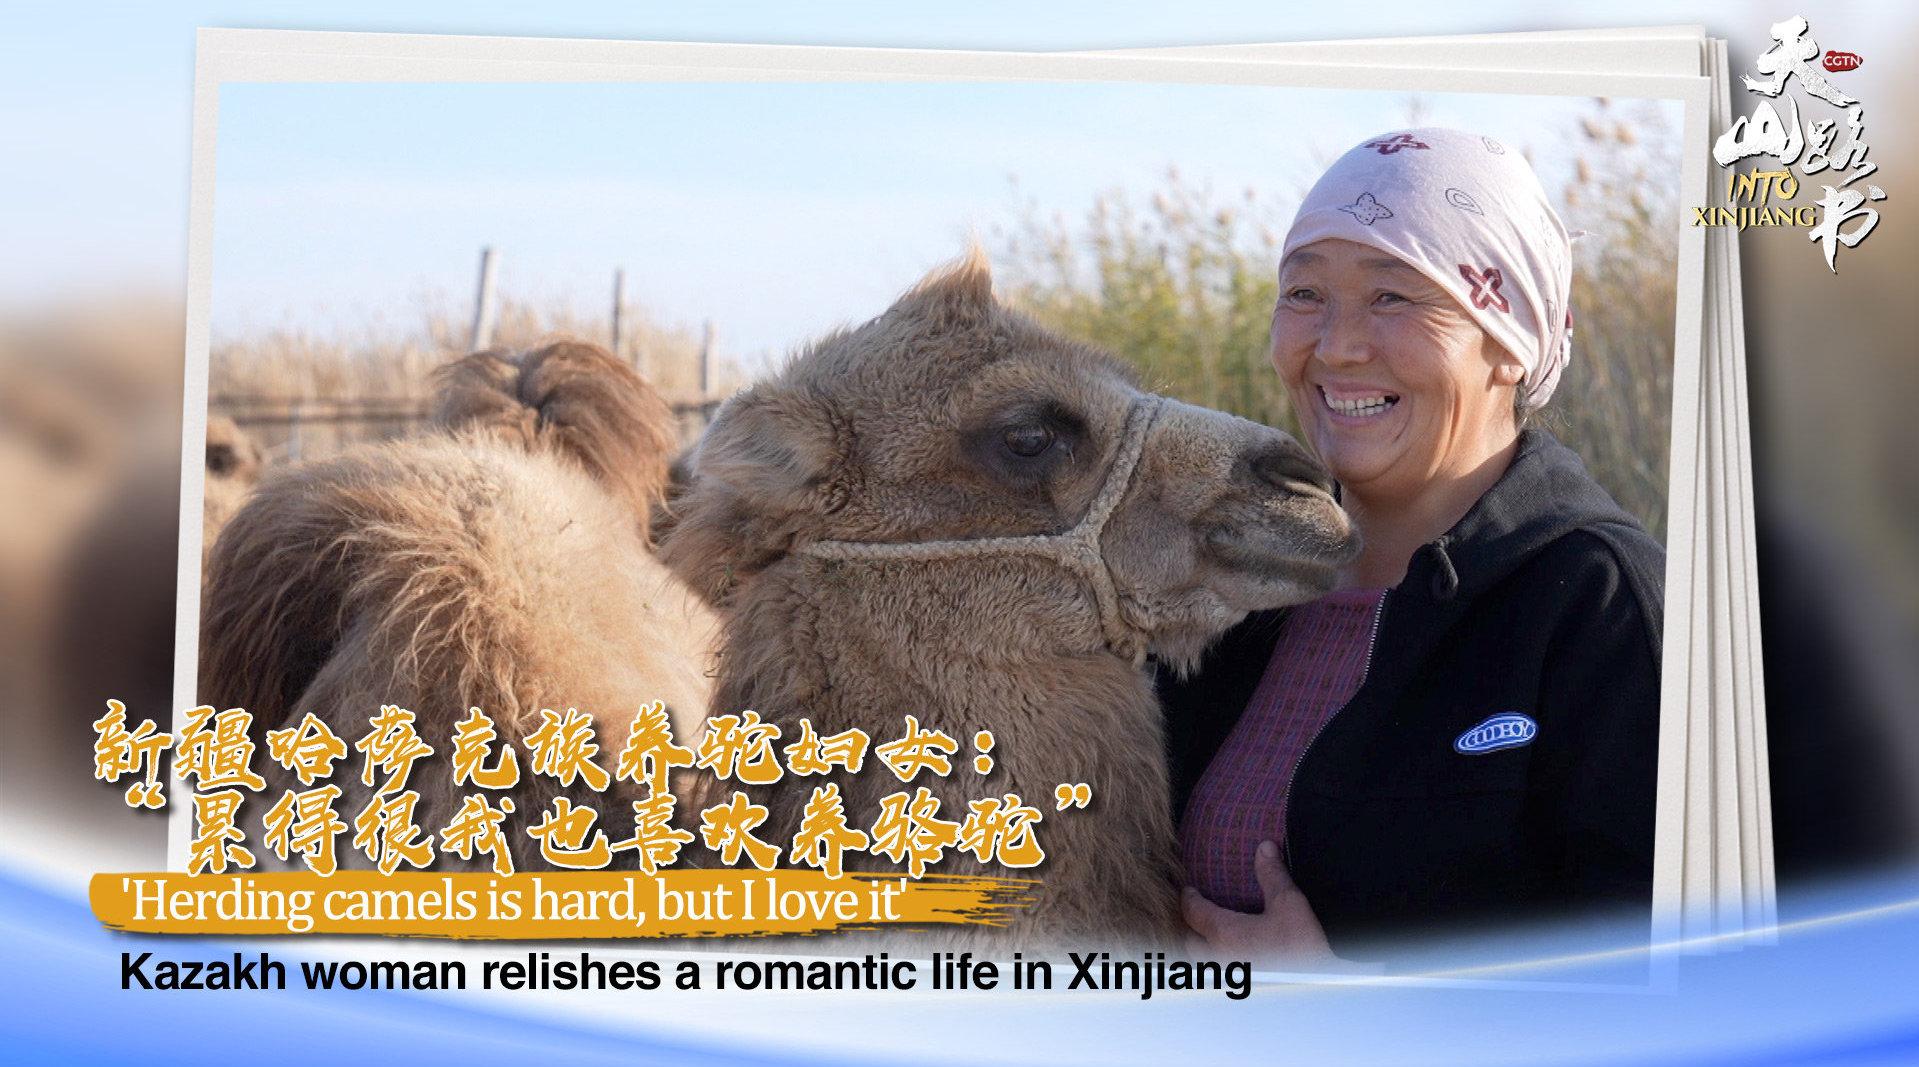 新疆哈萨克族养驼妇女